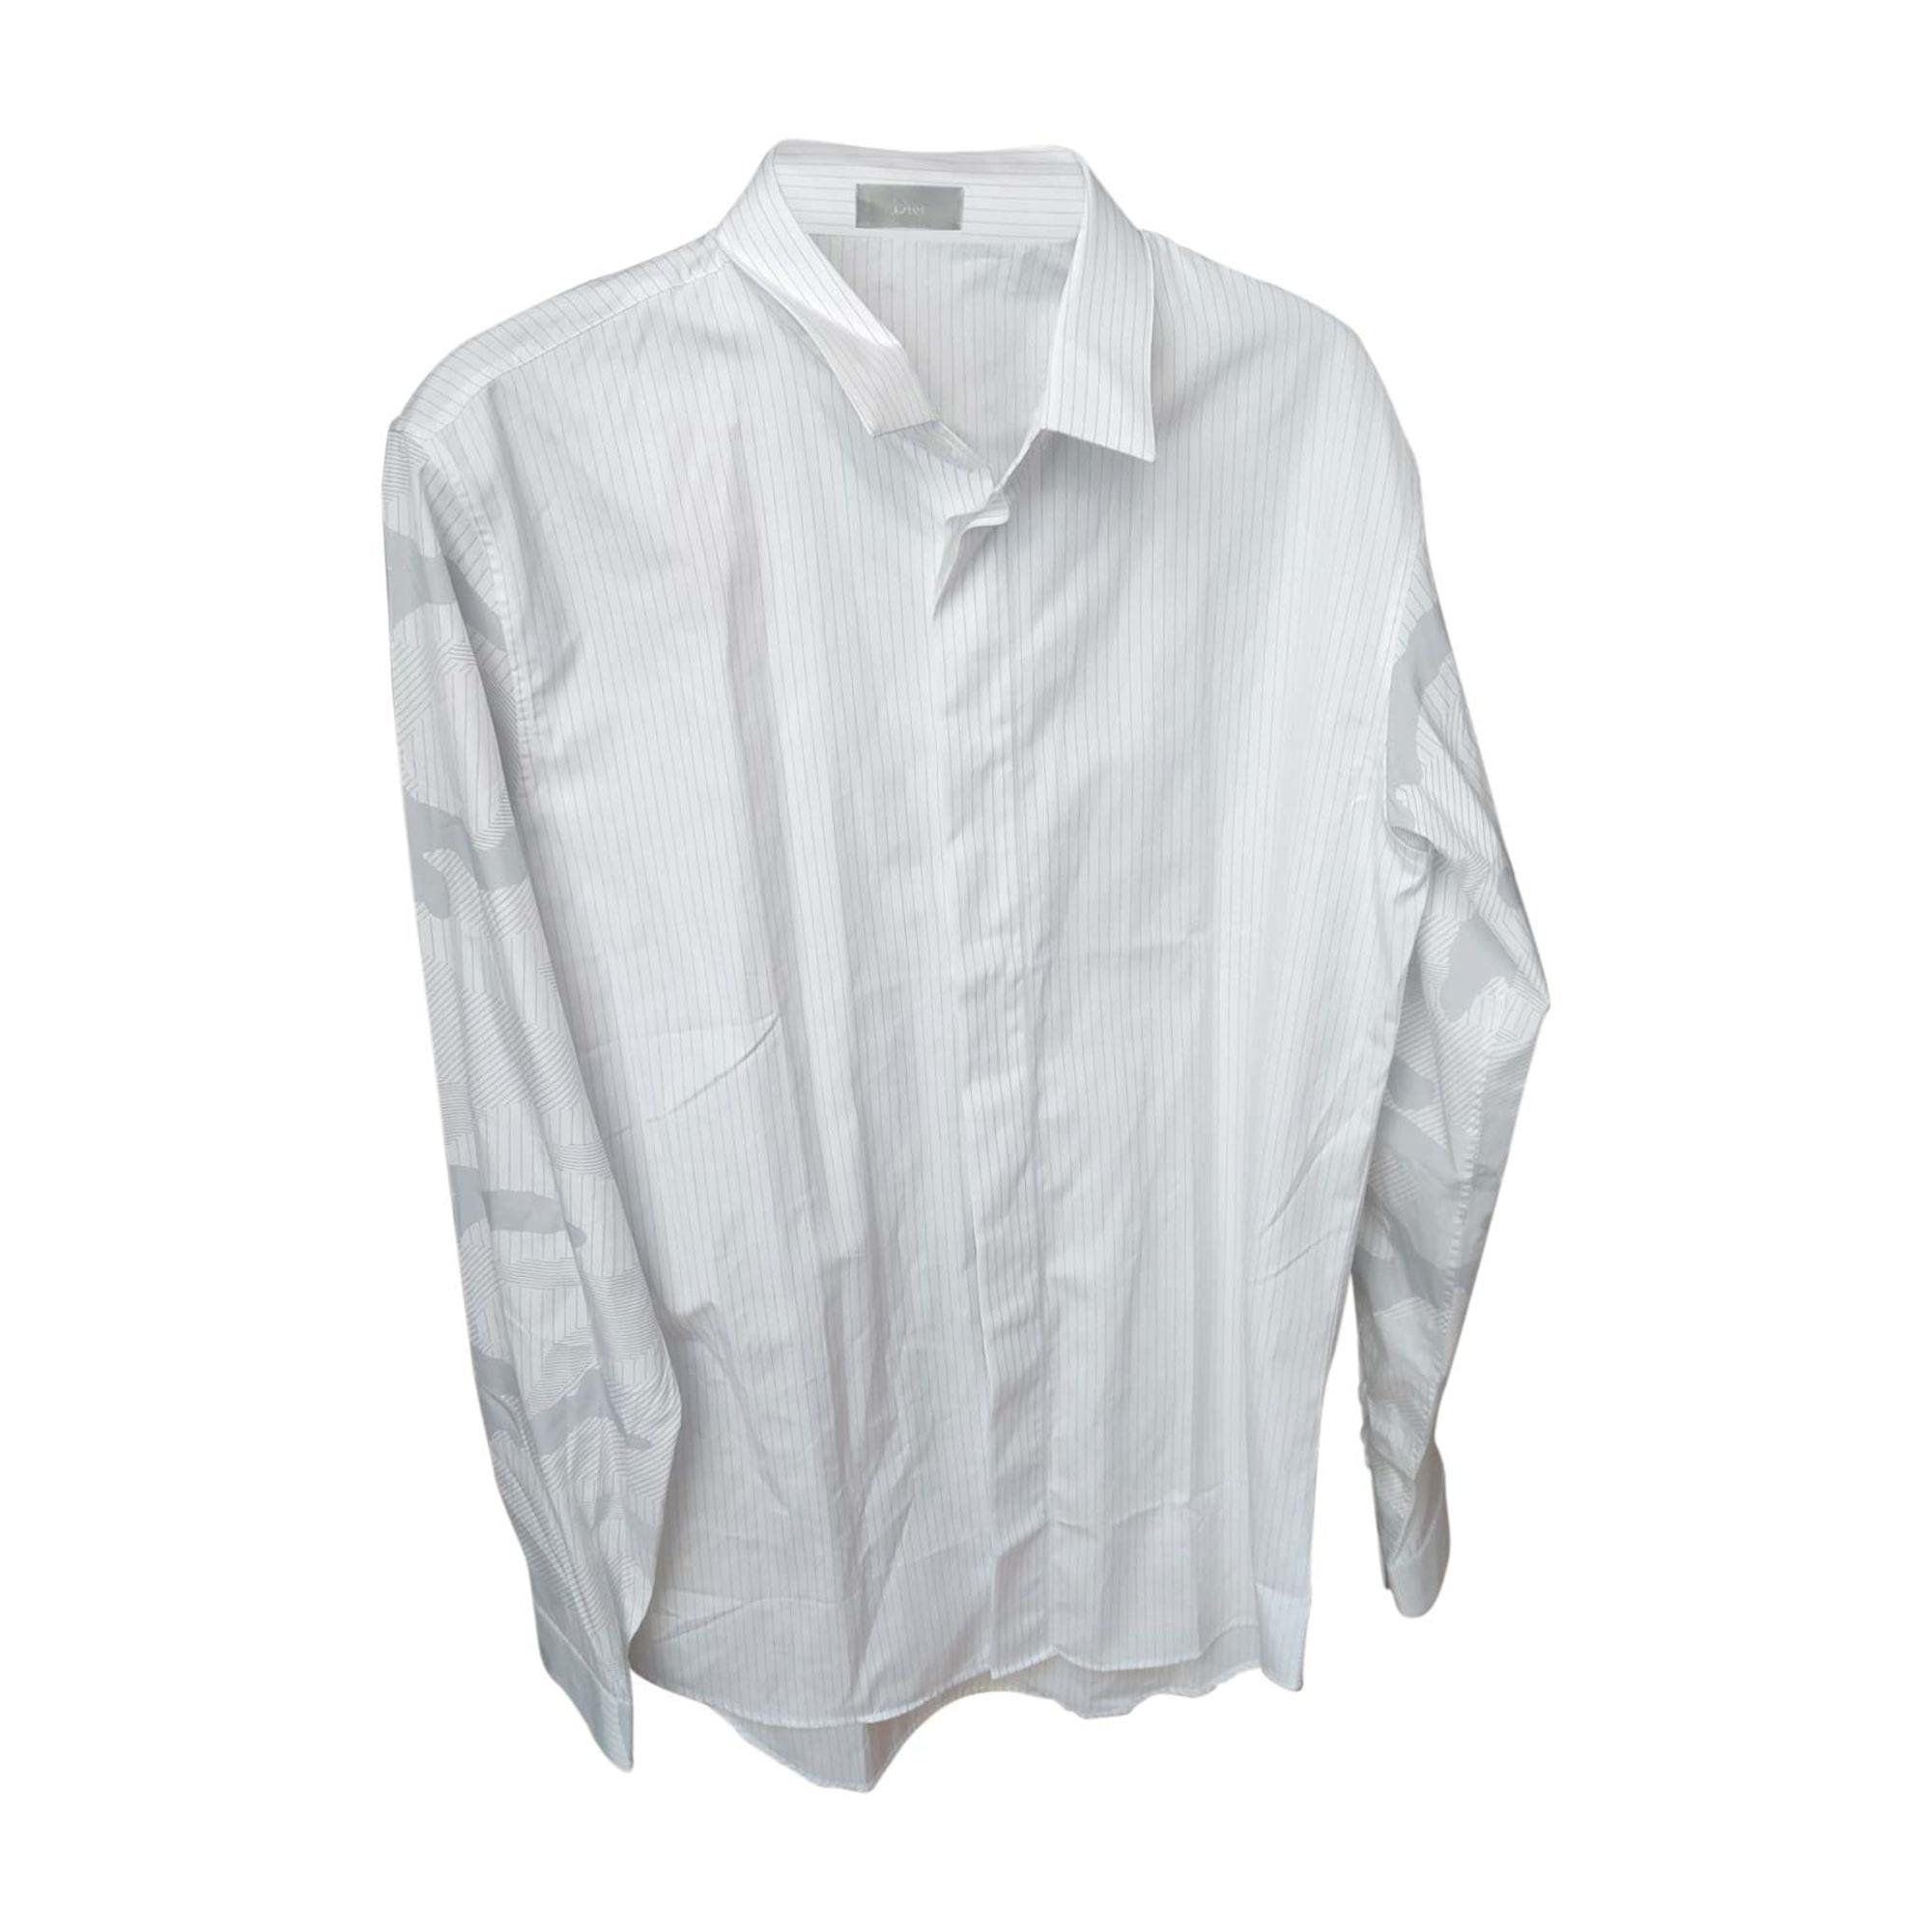 Shirt DIOR HOMME White, off-white, ecru